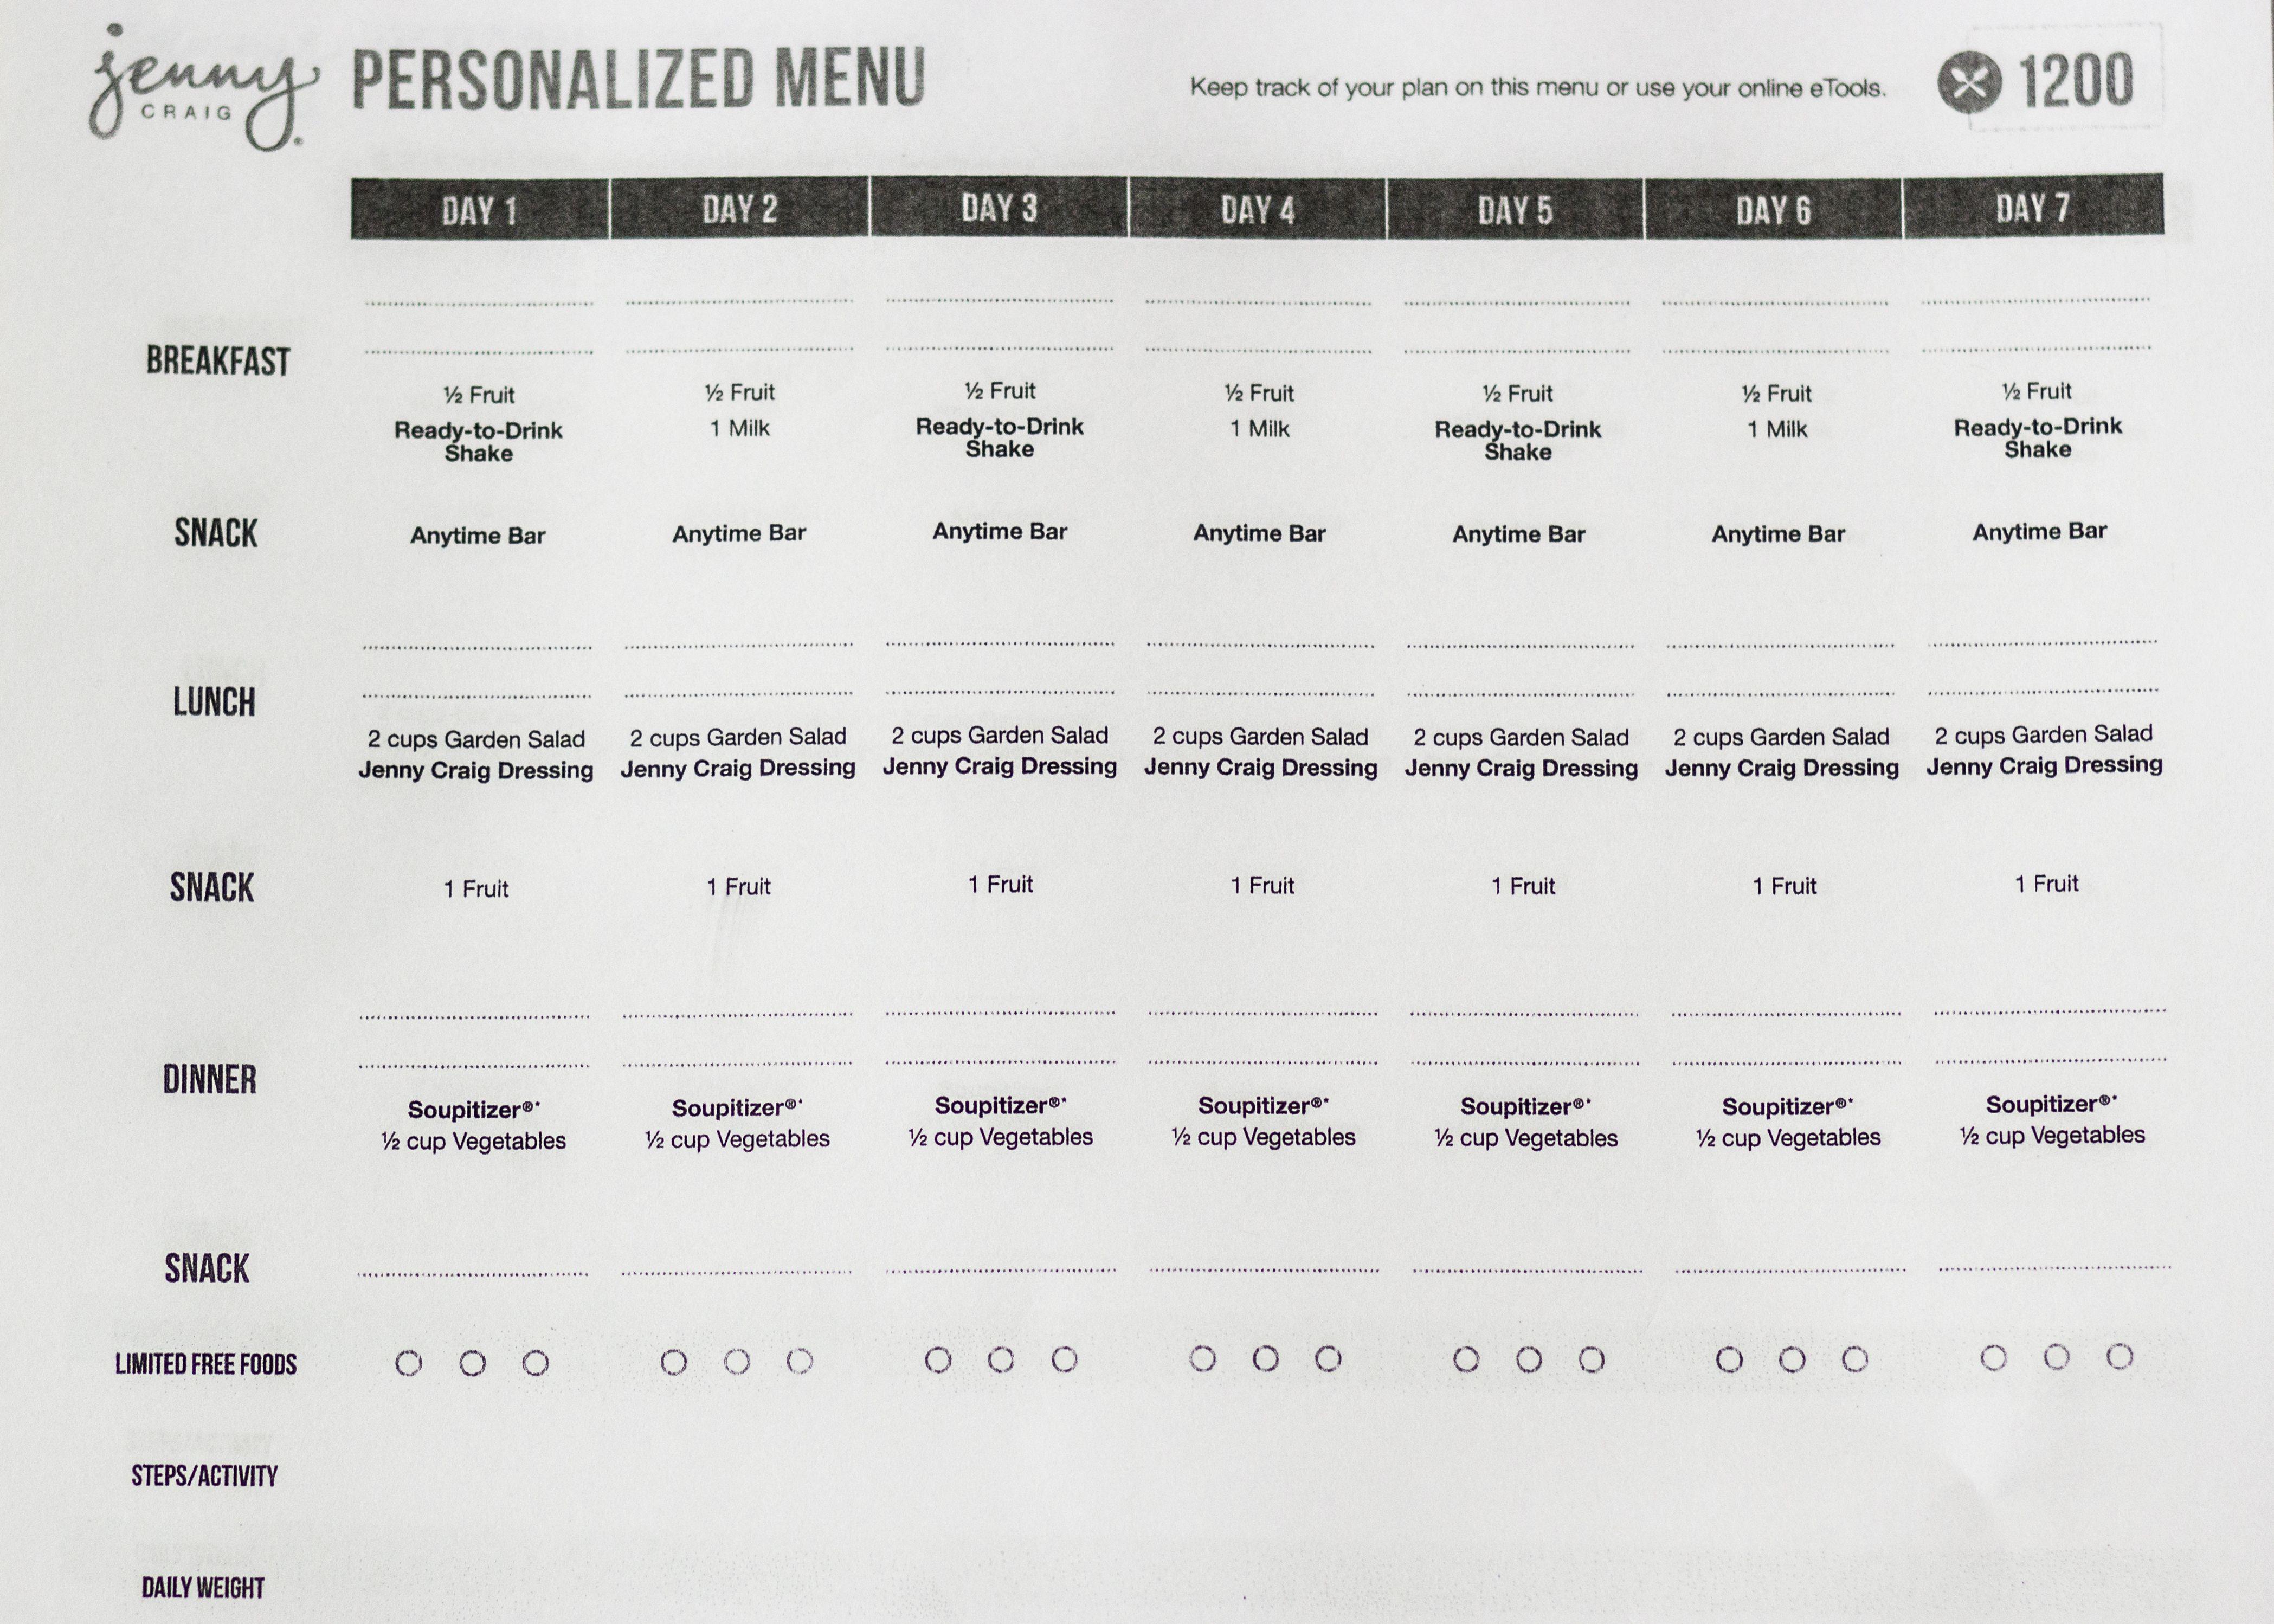 Jenny Craig Personalized menu for a 1200 calorie diet | Diet ...